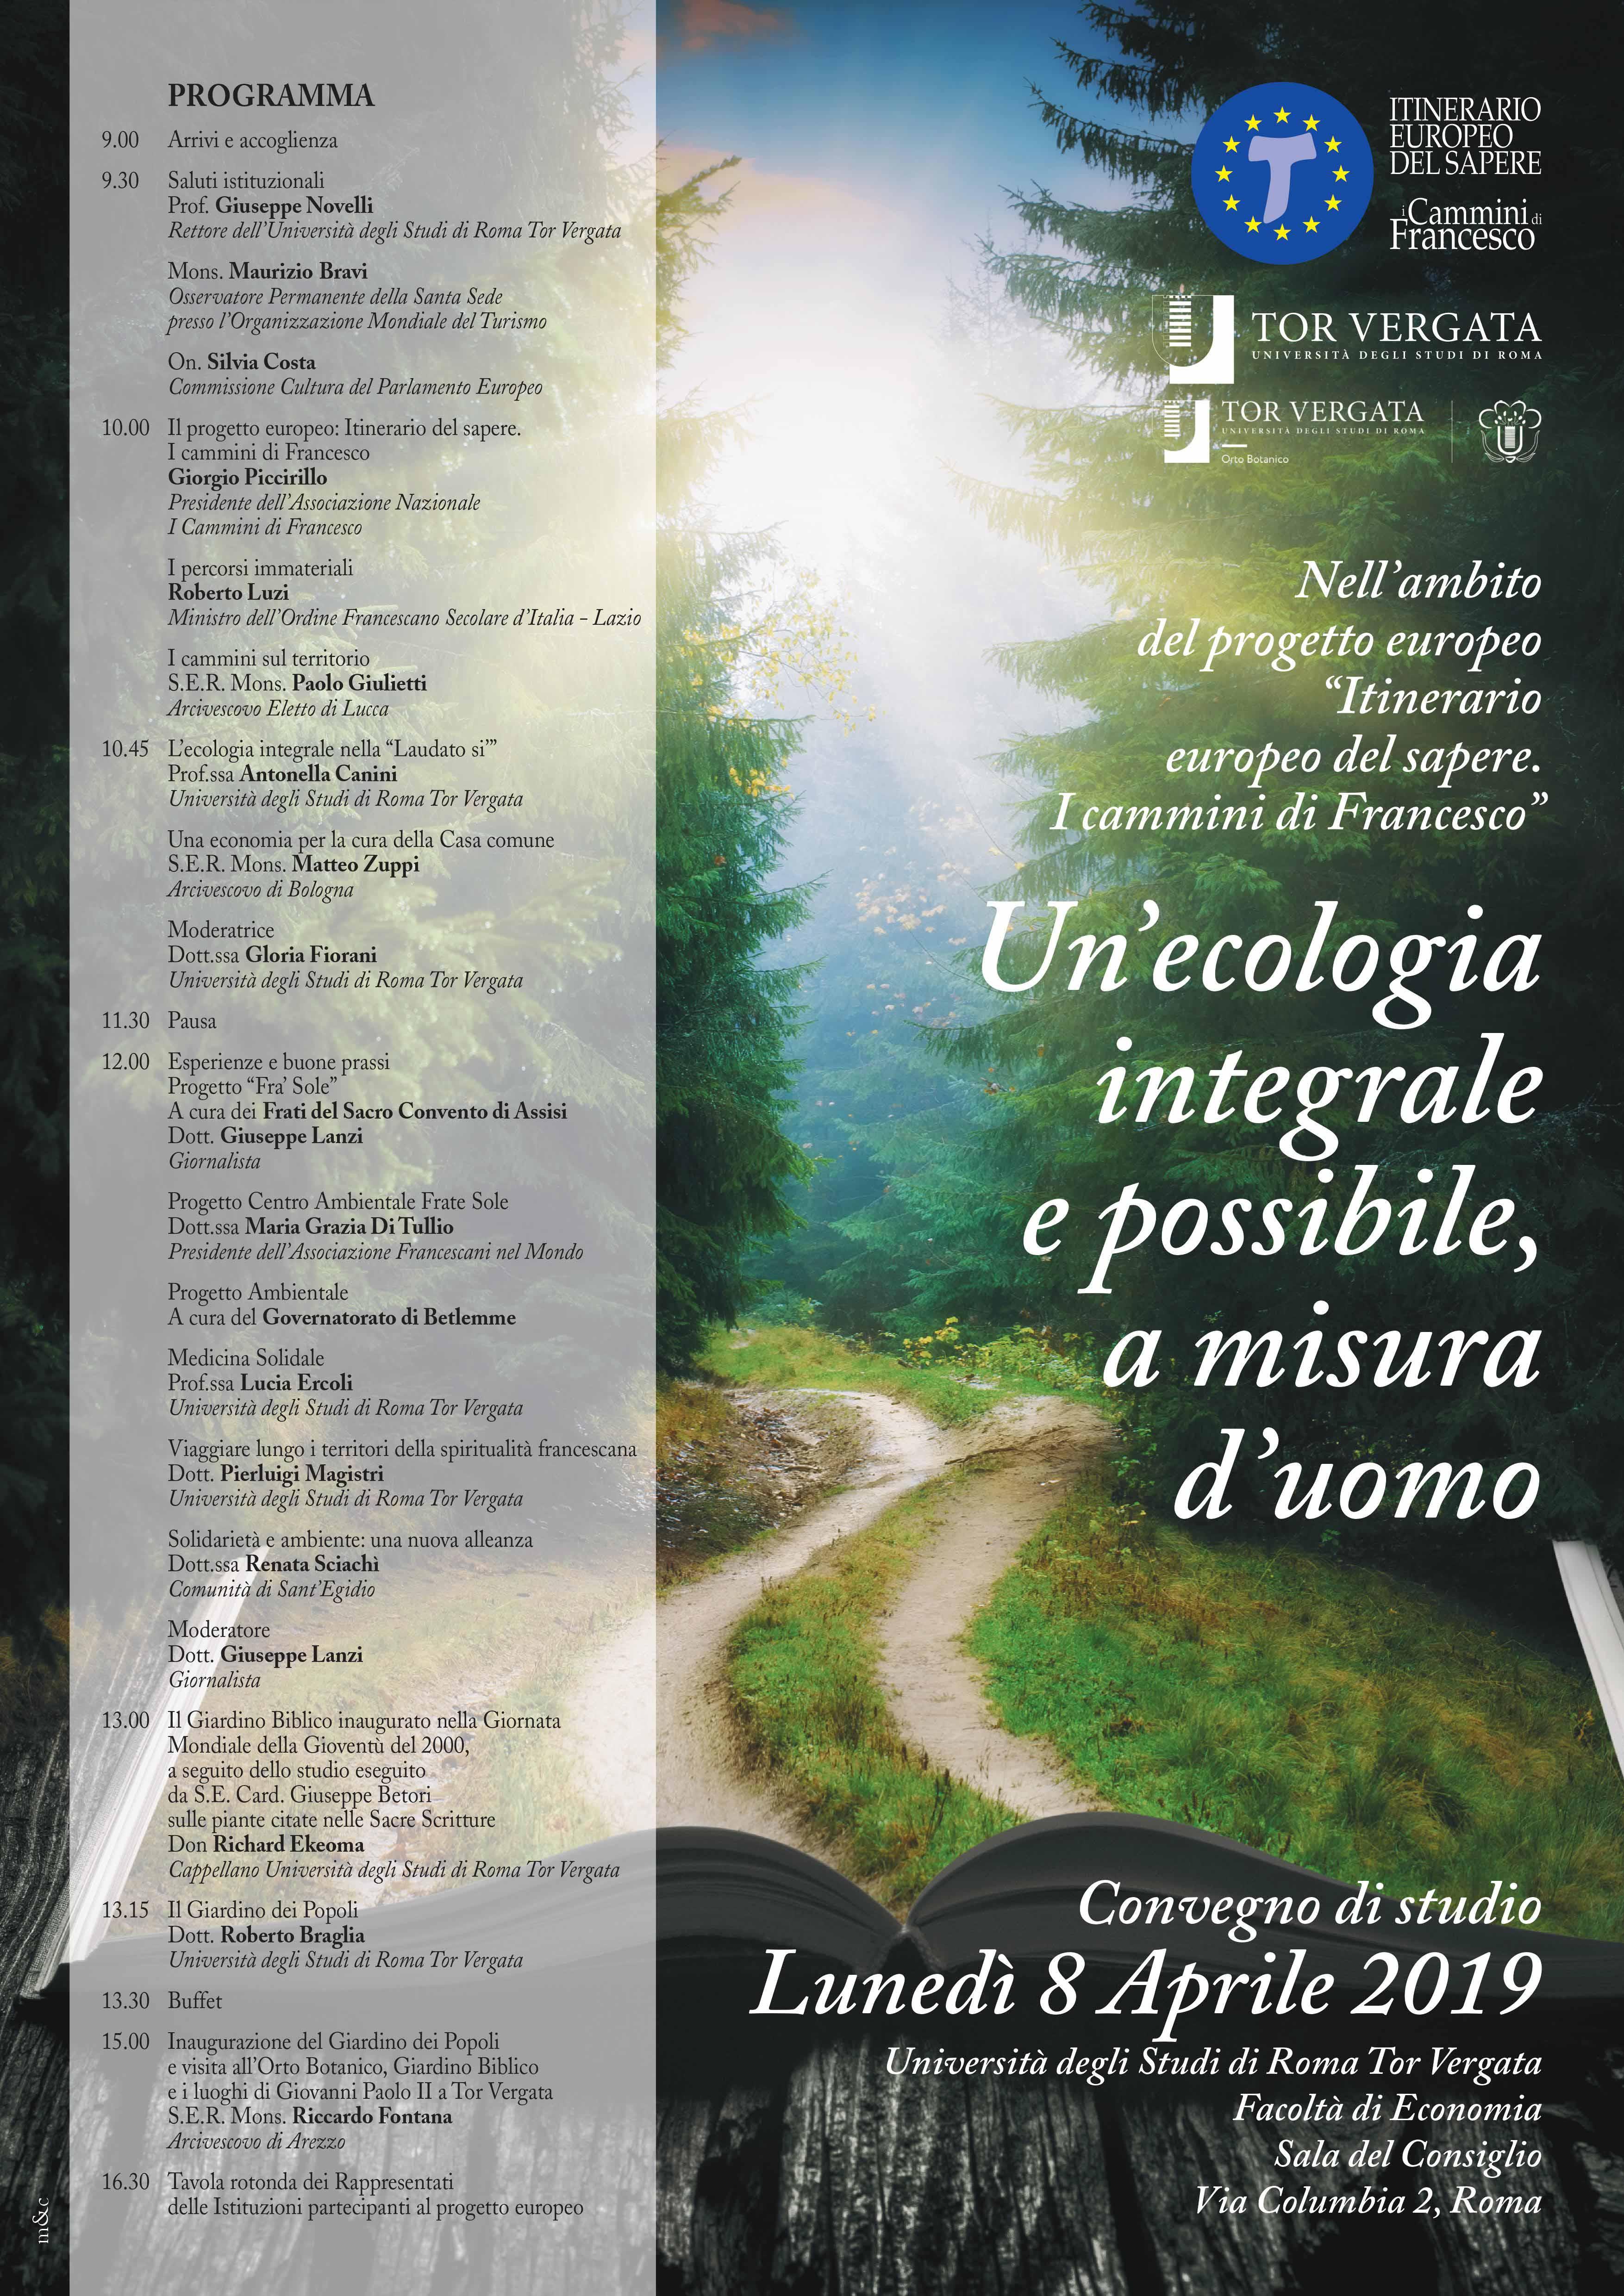 Convegno: un'ecologia integrale e possibile, a misura d'uomo